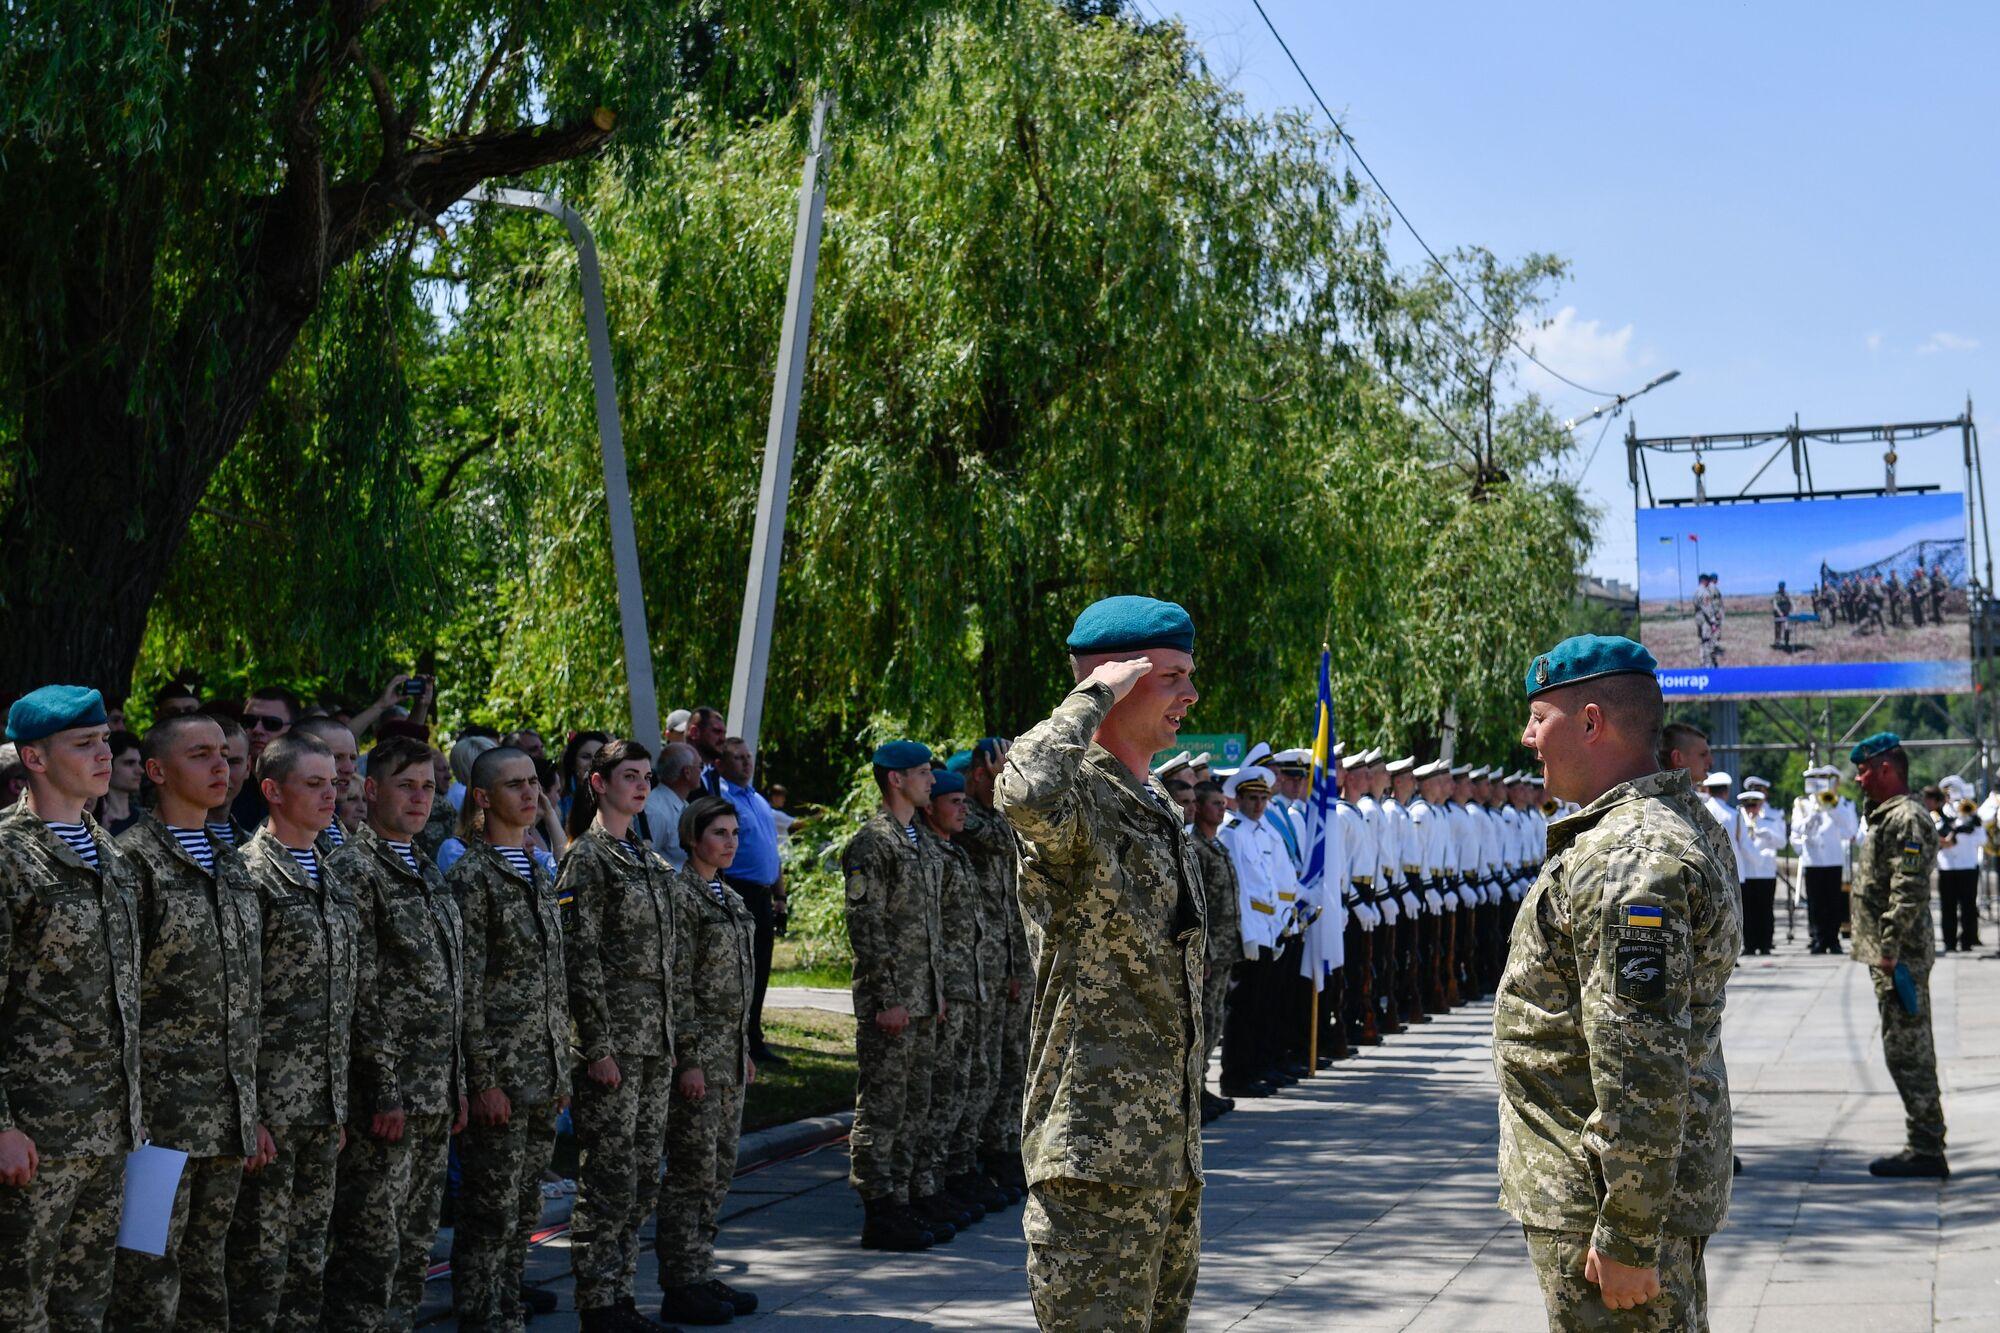 День морской пехоты Украины отмечается 23 мая